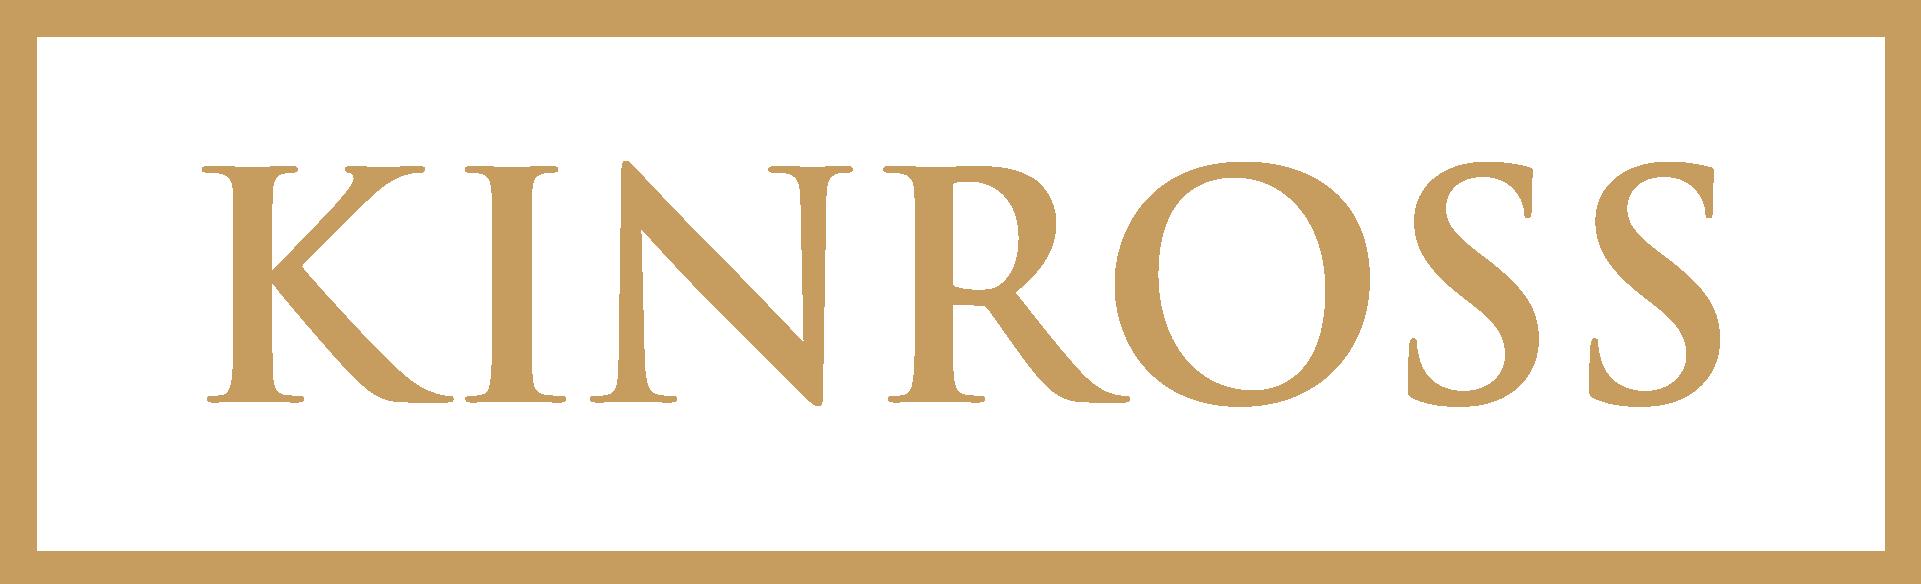 Kinross gold официальный сайт компании реферат технология создания web сайта